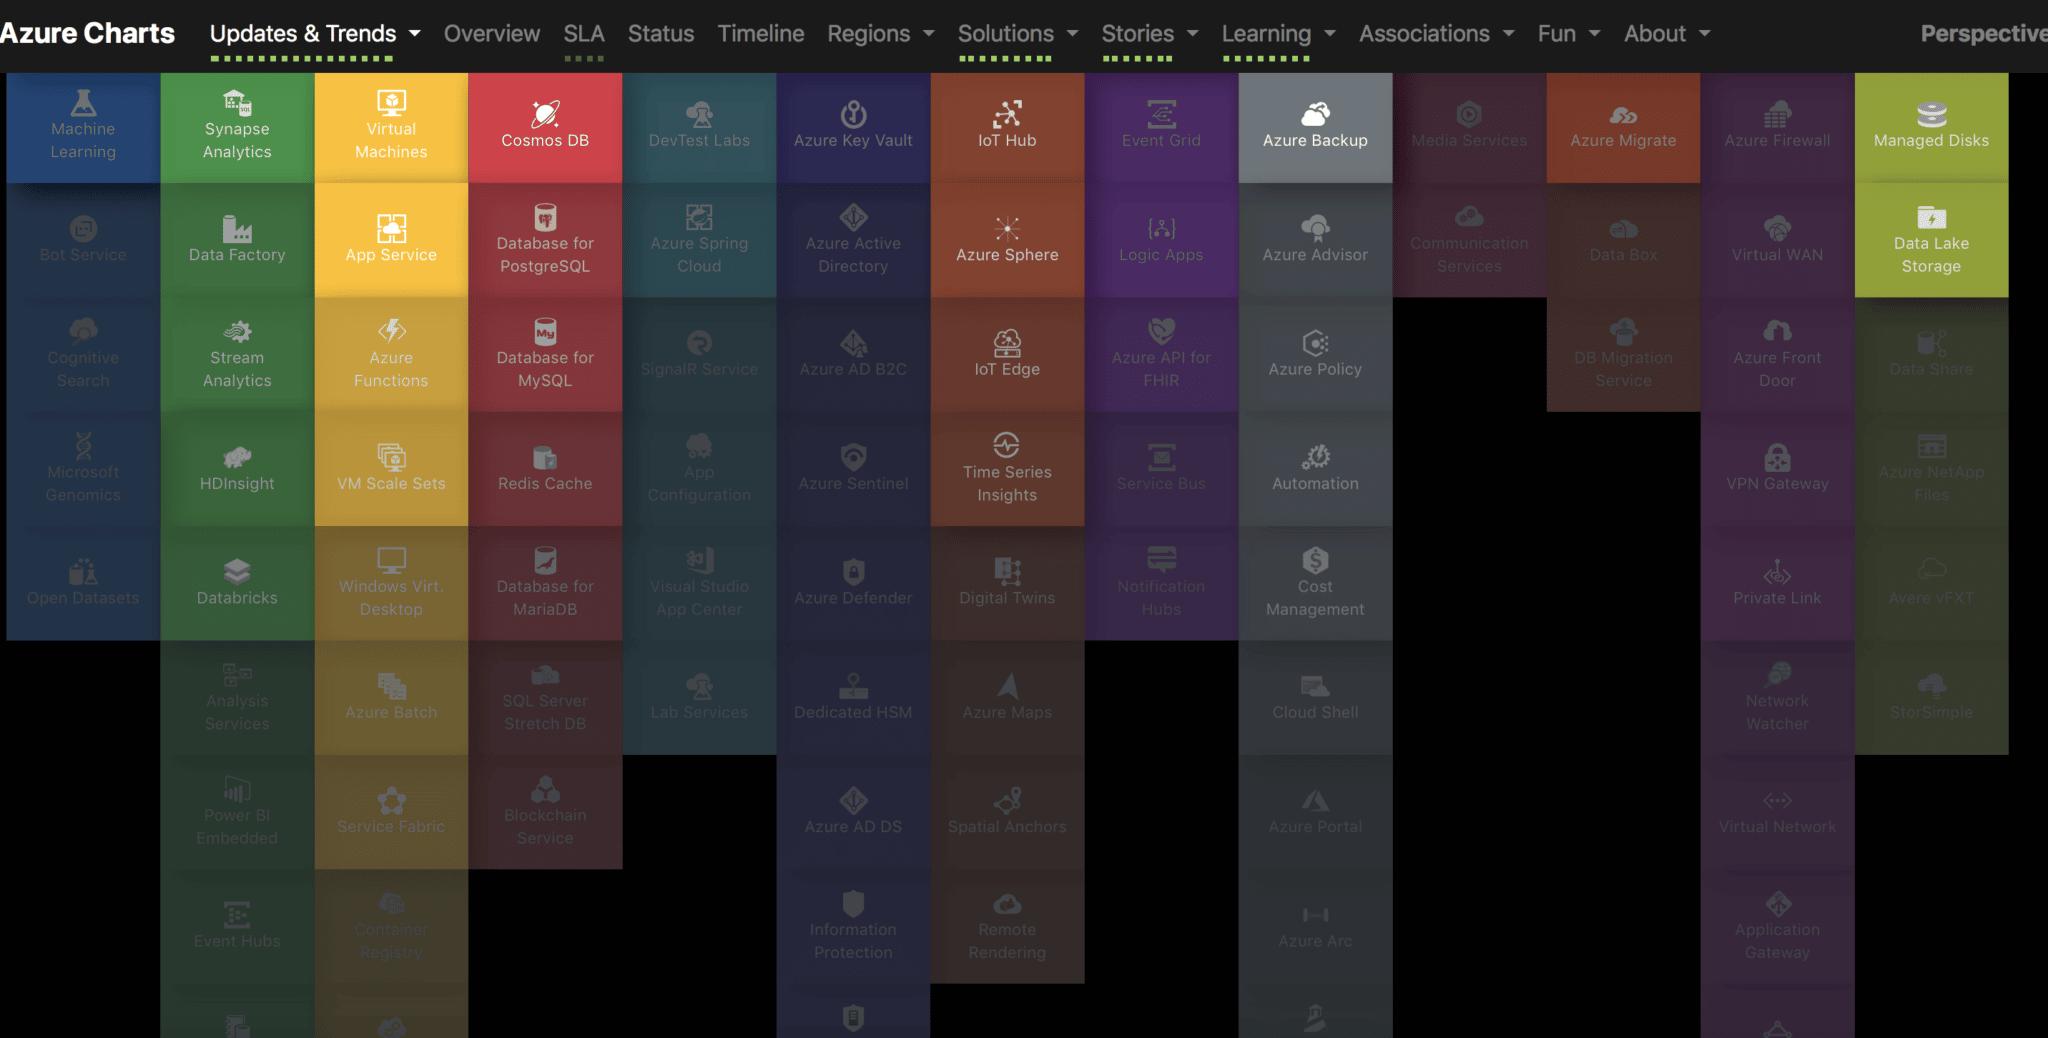 Avec le live interactive guide to Azure Cloud current state, on peut suivre en temps réel les mises à jour de la solution dans les différentes régions du monde